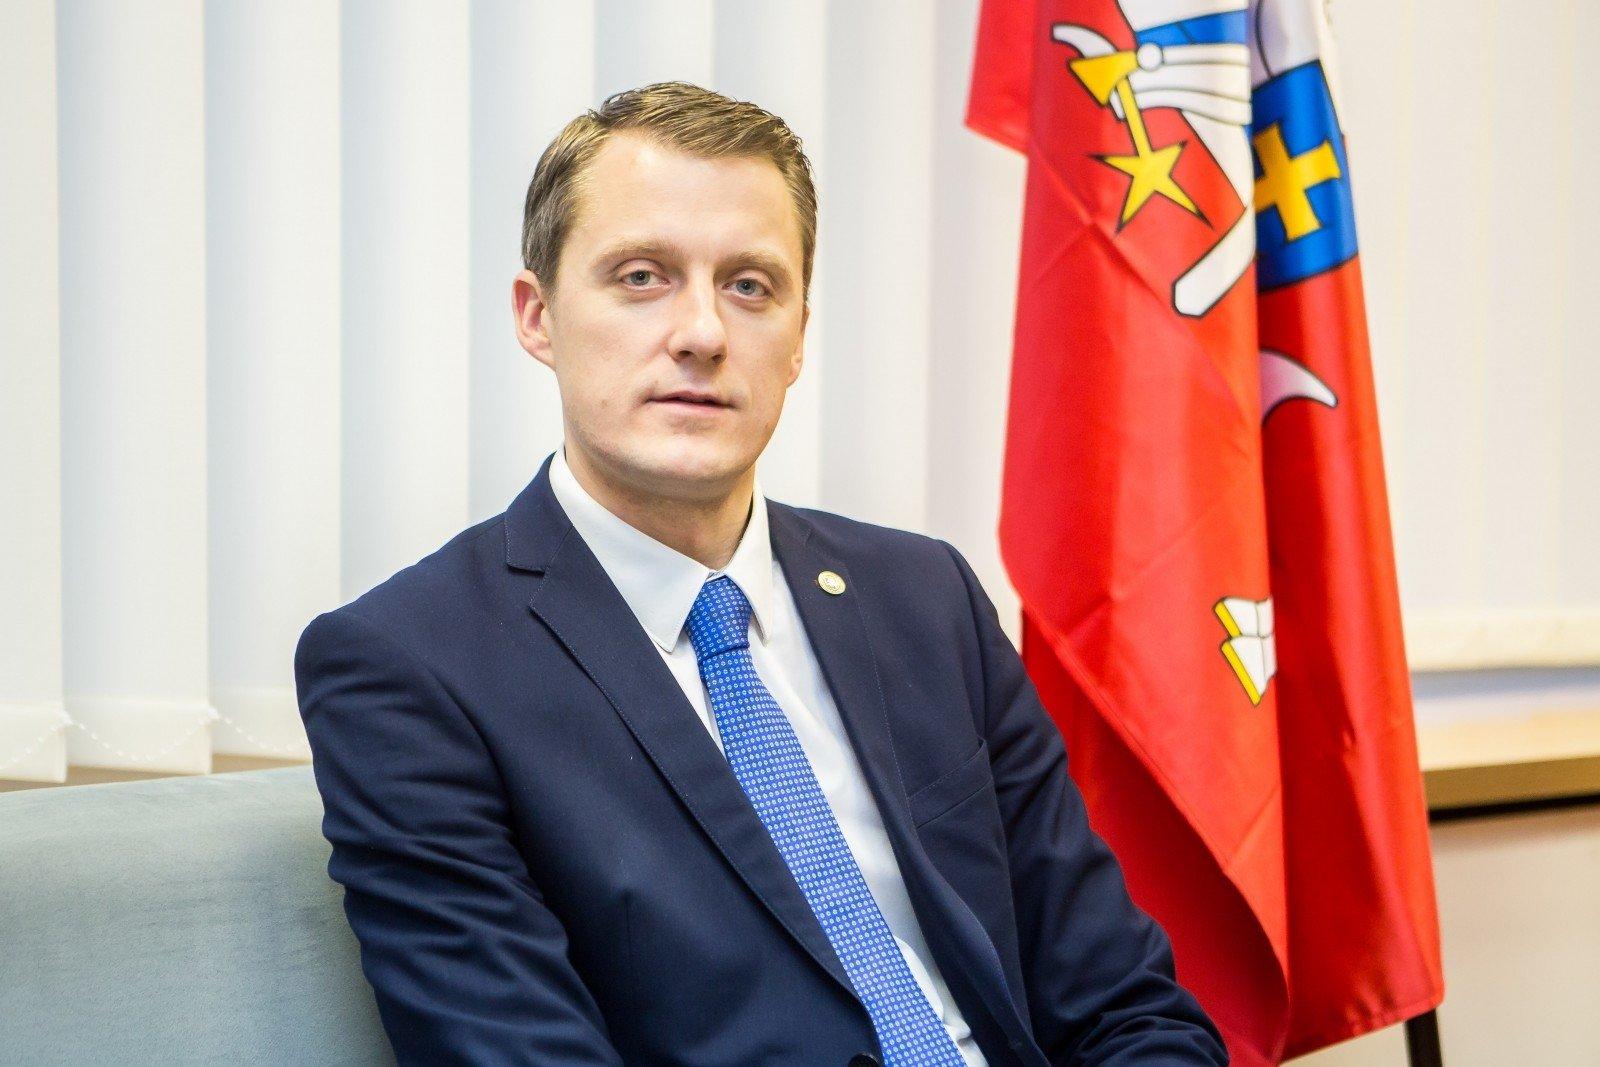 Европейская комиссия примет решение поделу «Газпрома» после анализа реакции рынка